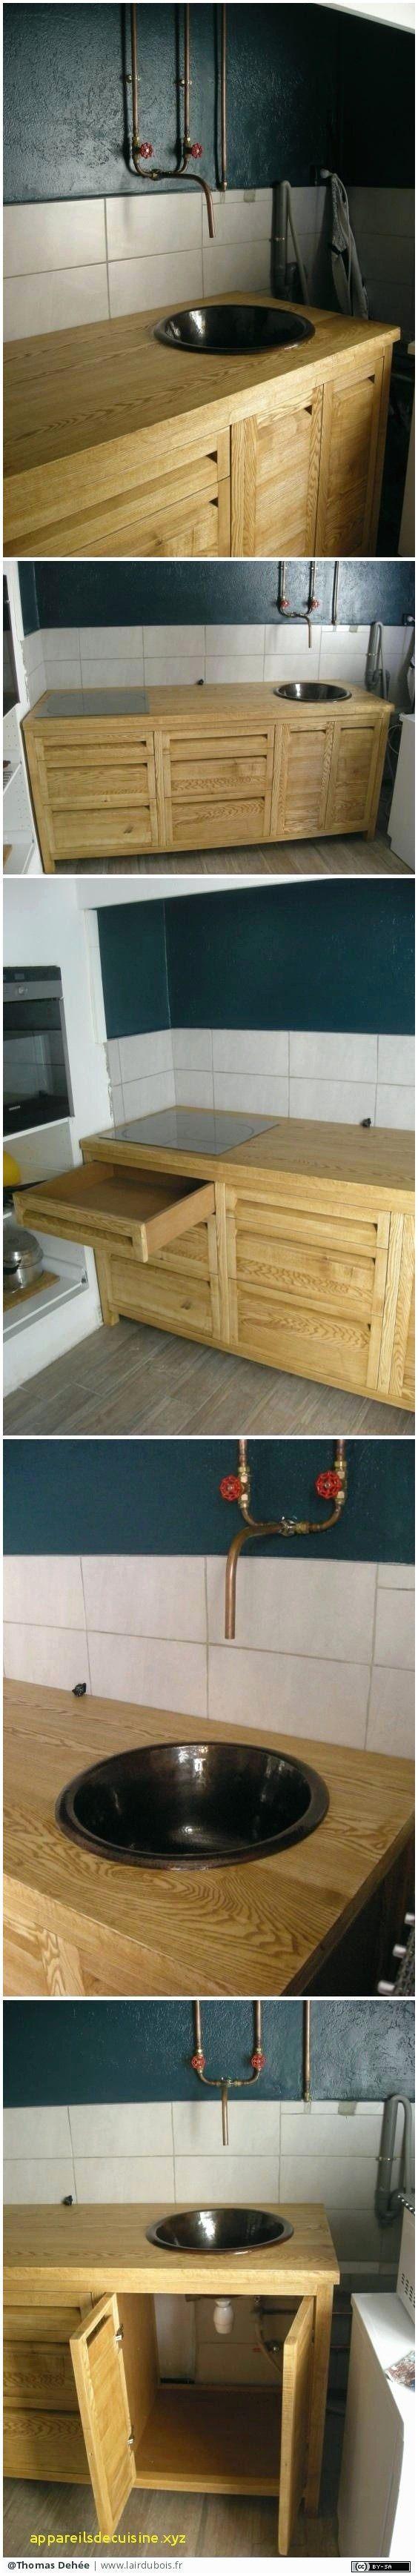 Lit Armoire Pas Cher Fraîche Lit Armoire Pas Cher Charmant ¢‹†…¡ Lit Futon Ikea Inspirant Futon